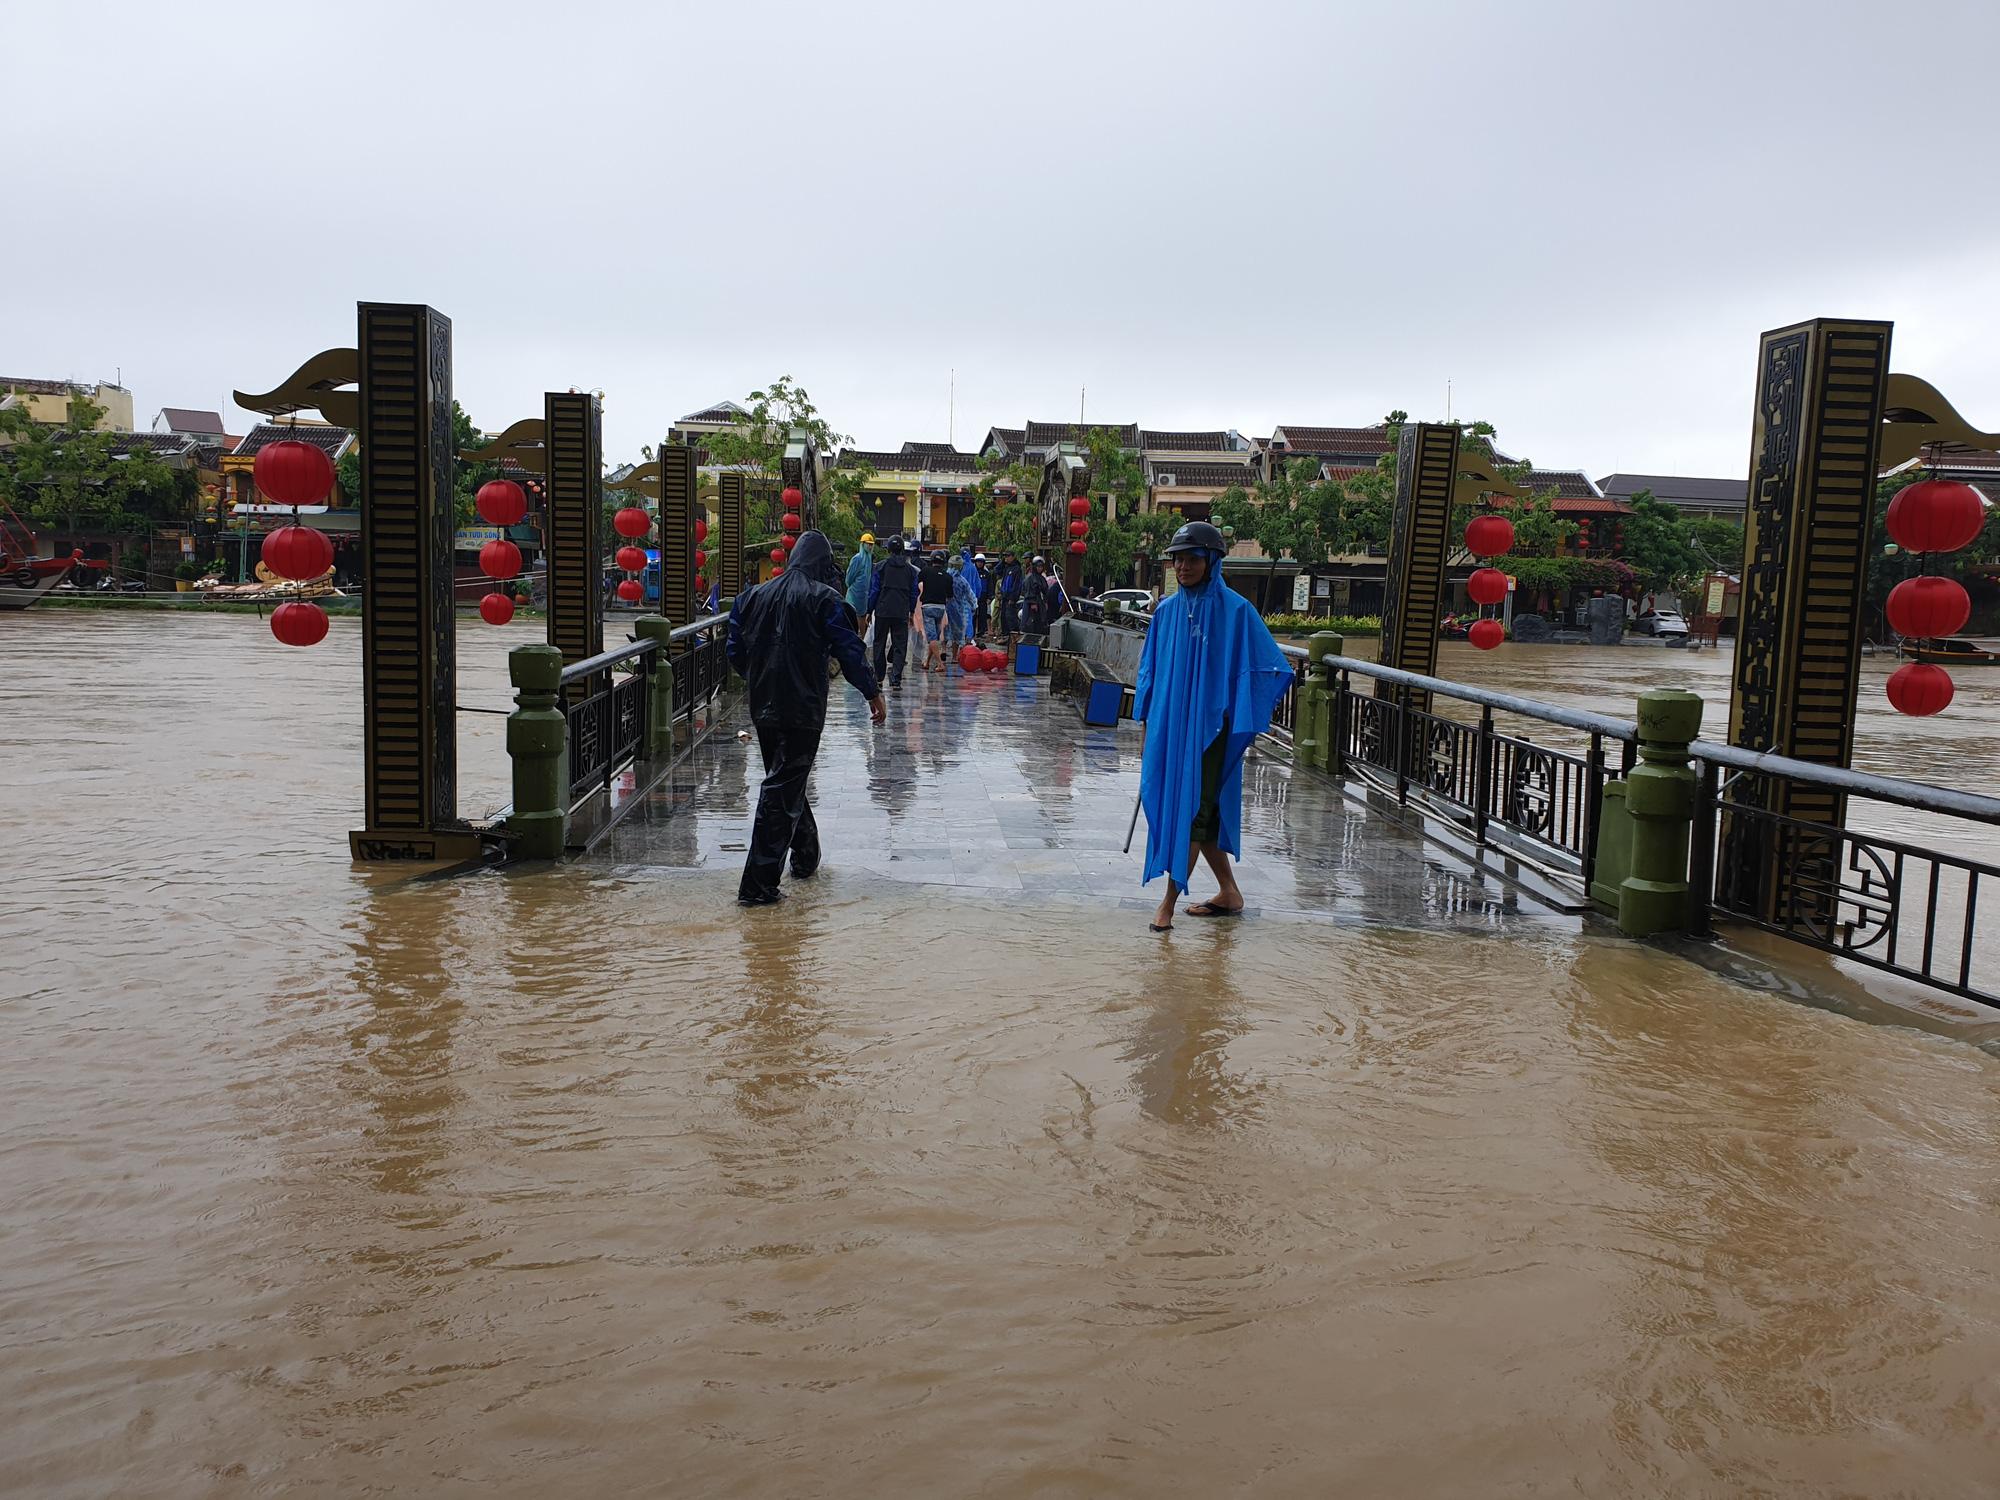 Quảng Nam: Nước sông Hoài dâng cao, đường ở phố cổ Hội An ngập hơn 50cm - Ảnh 4.